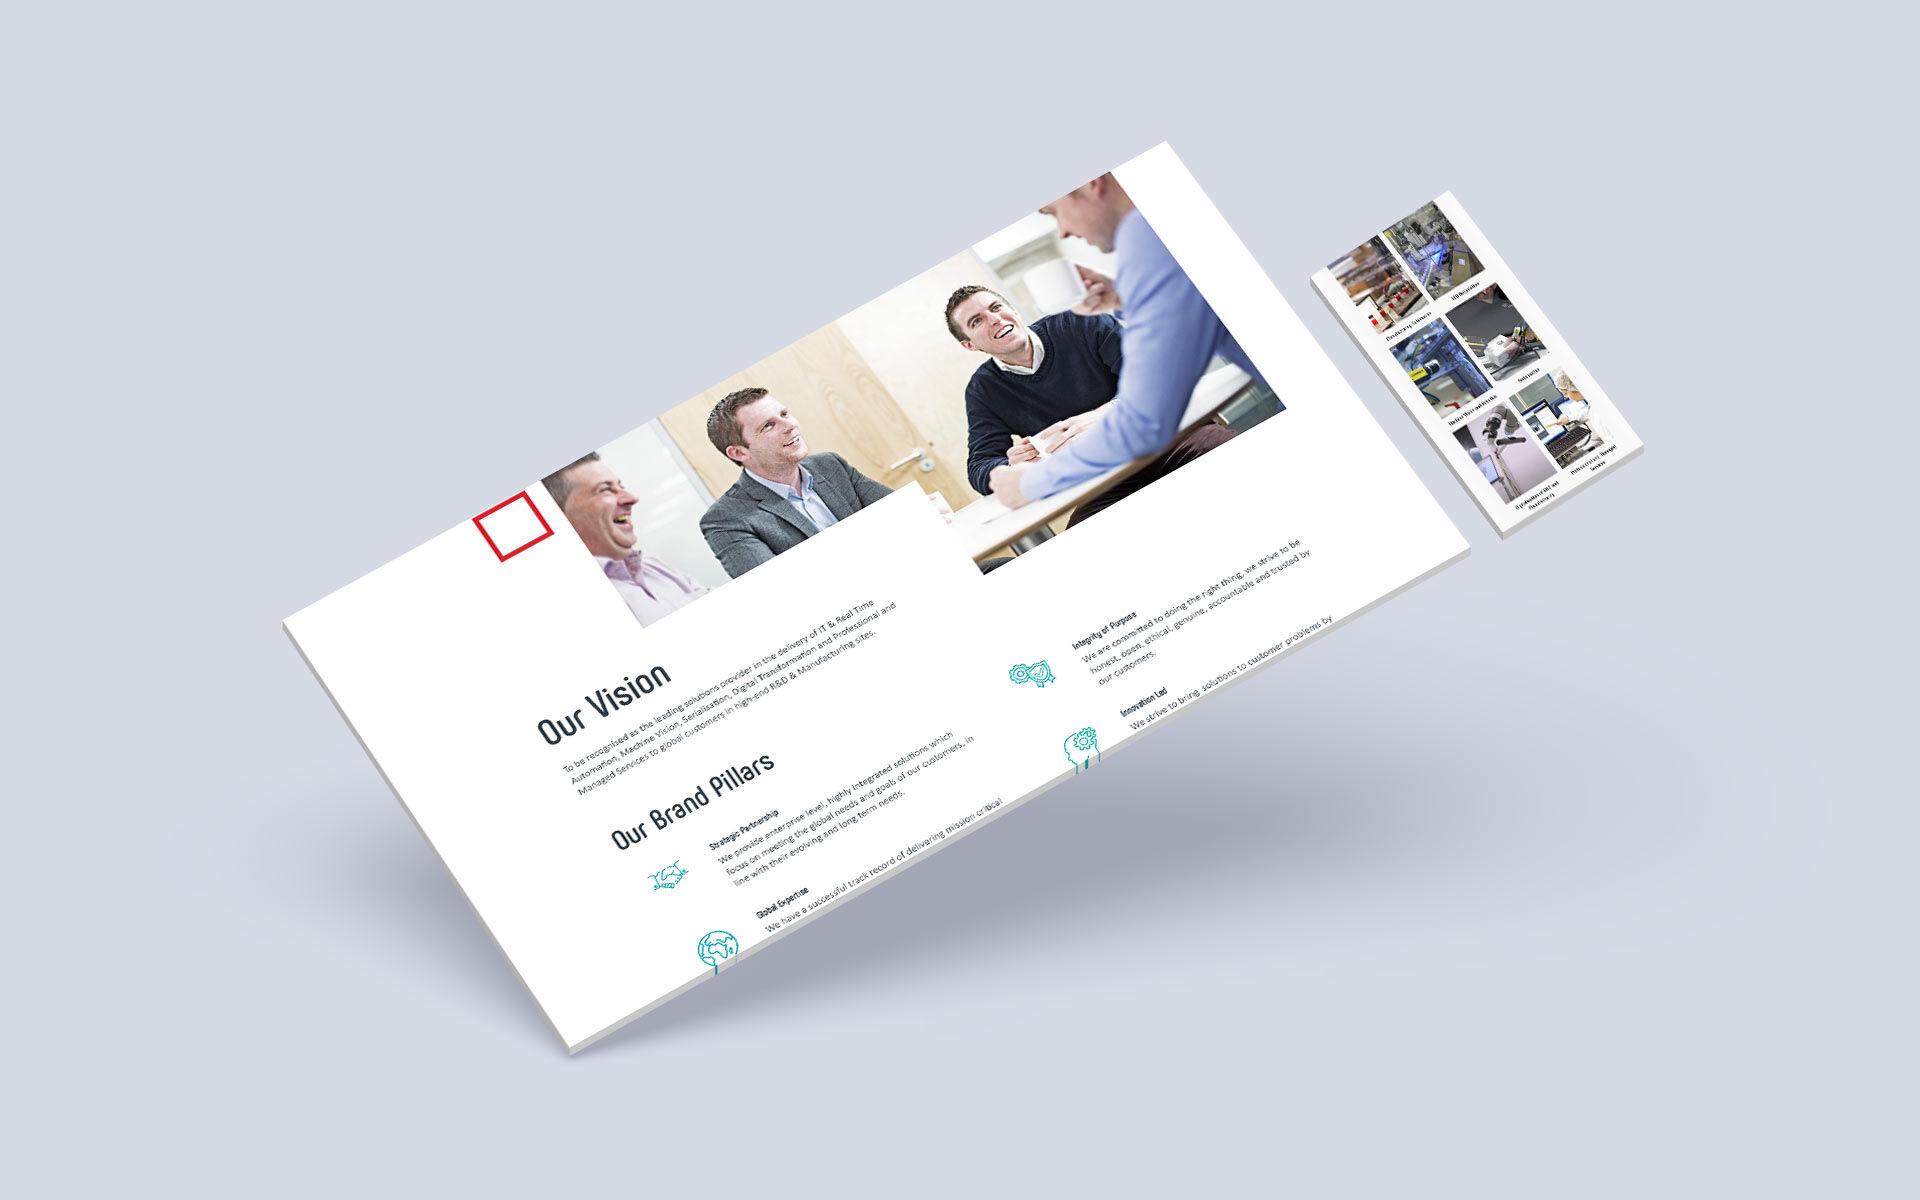 CXV website design mockup for desktop and mobile